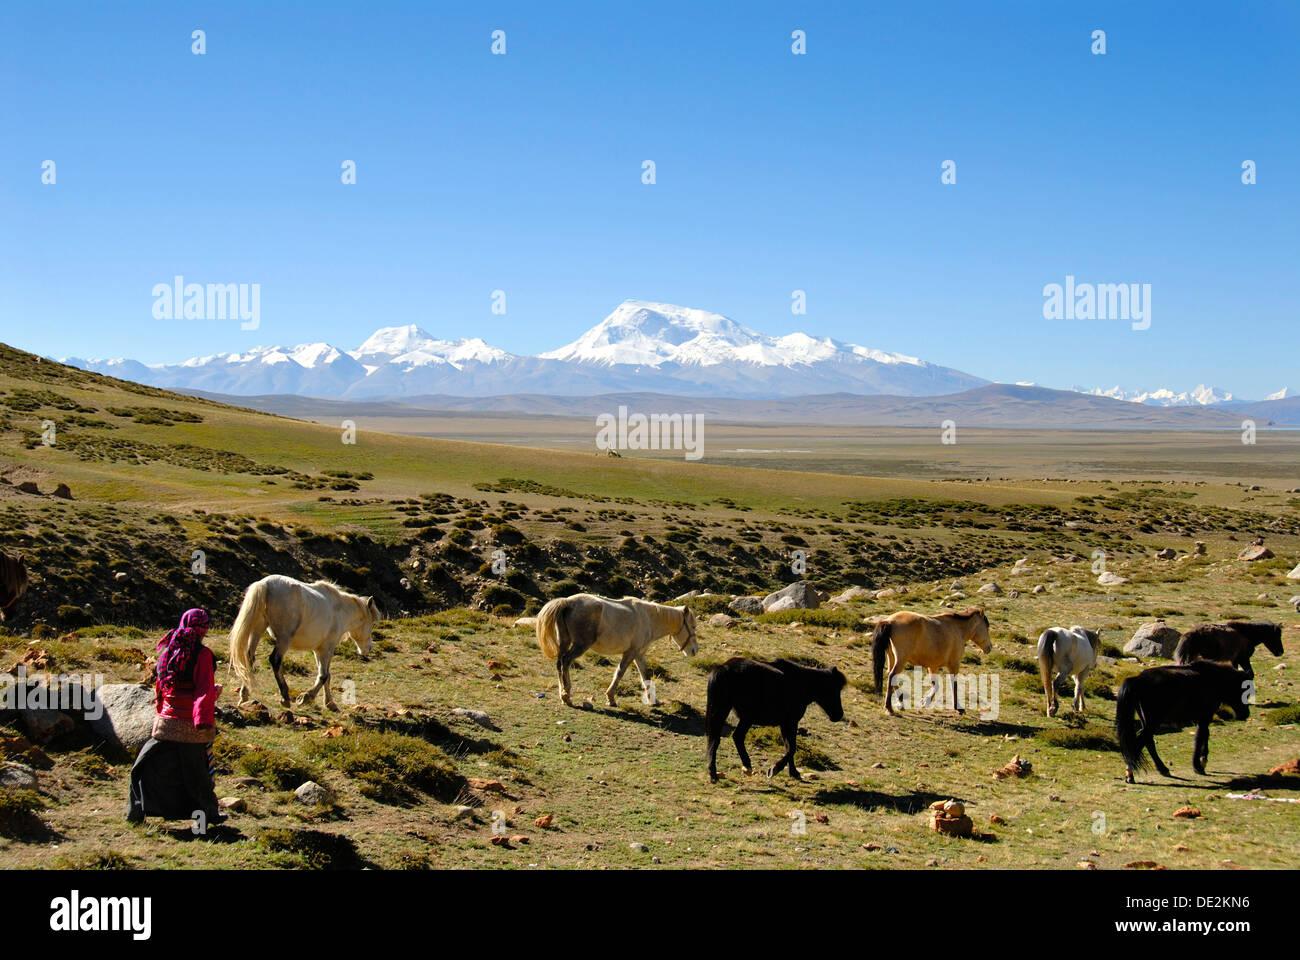 Les nomades tibétains, bergère conduisant les chevaux à travers le vaste plateau, Kailash, Kora, enneigées de la montagne Gurla Mandhata Banque D'Images